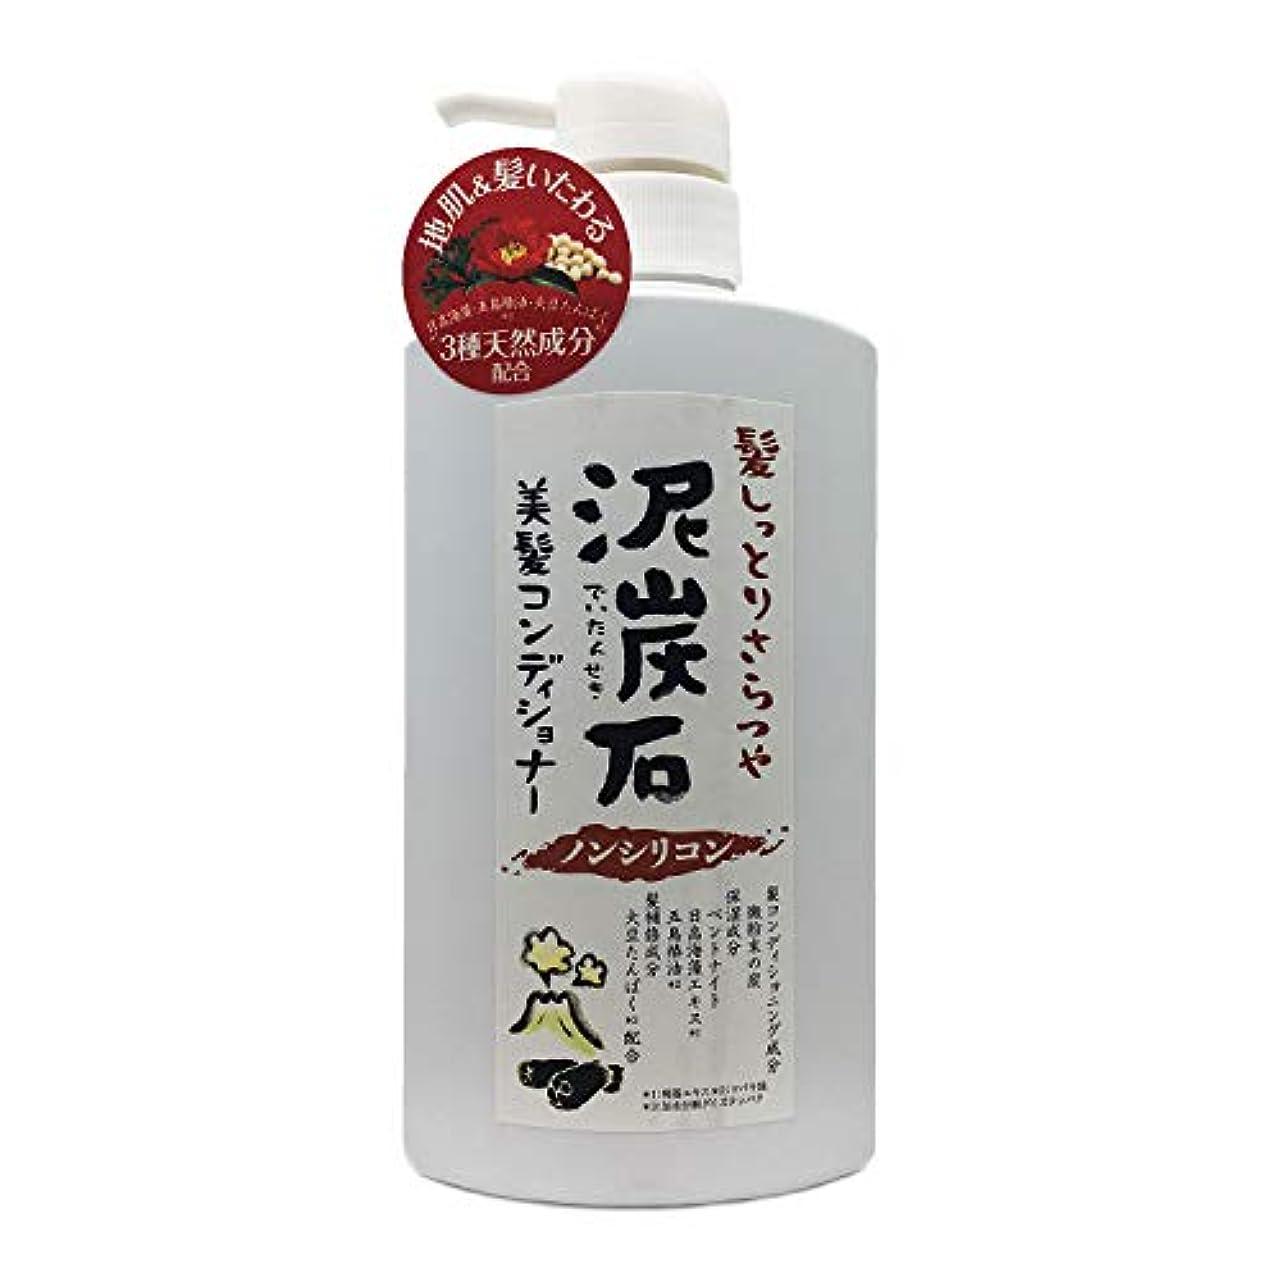 悪性腫瘍休日寛解ペリカン石鹸 泥炭石 美髪コンディショナー 500ml